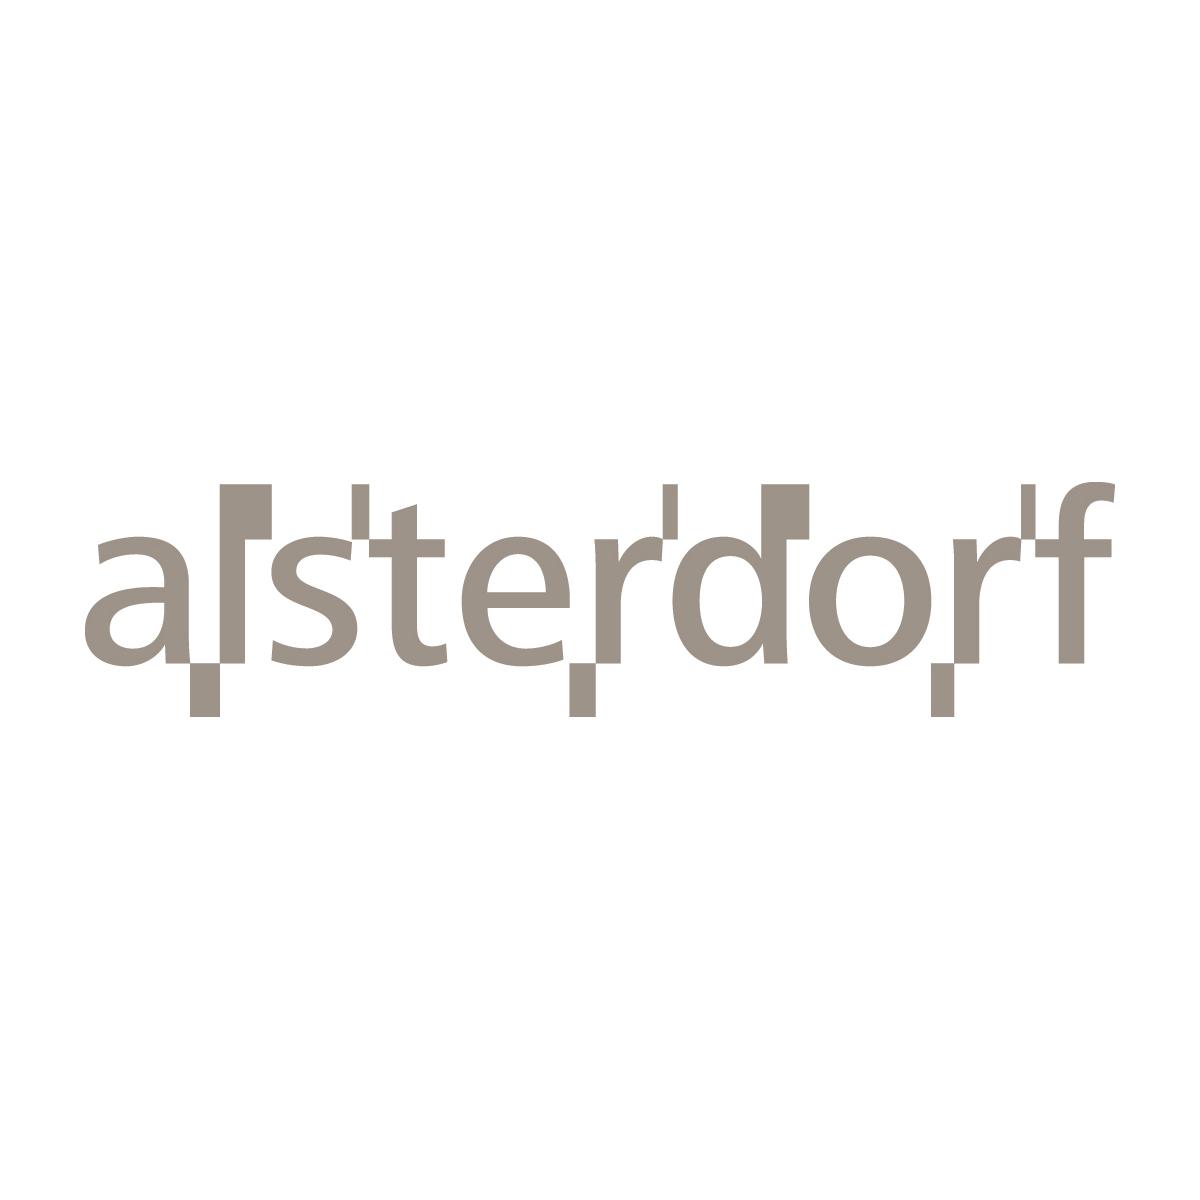 Evangelische Stiftung Alsterdorf